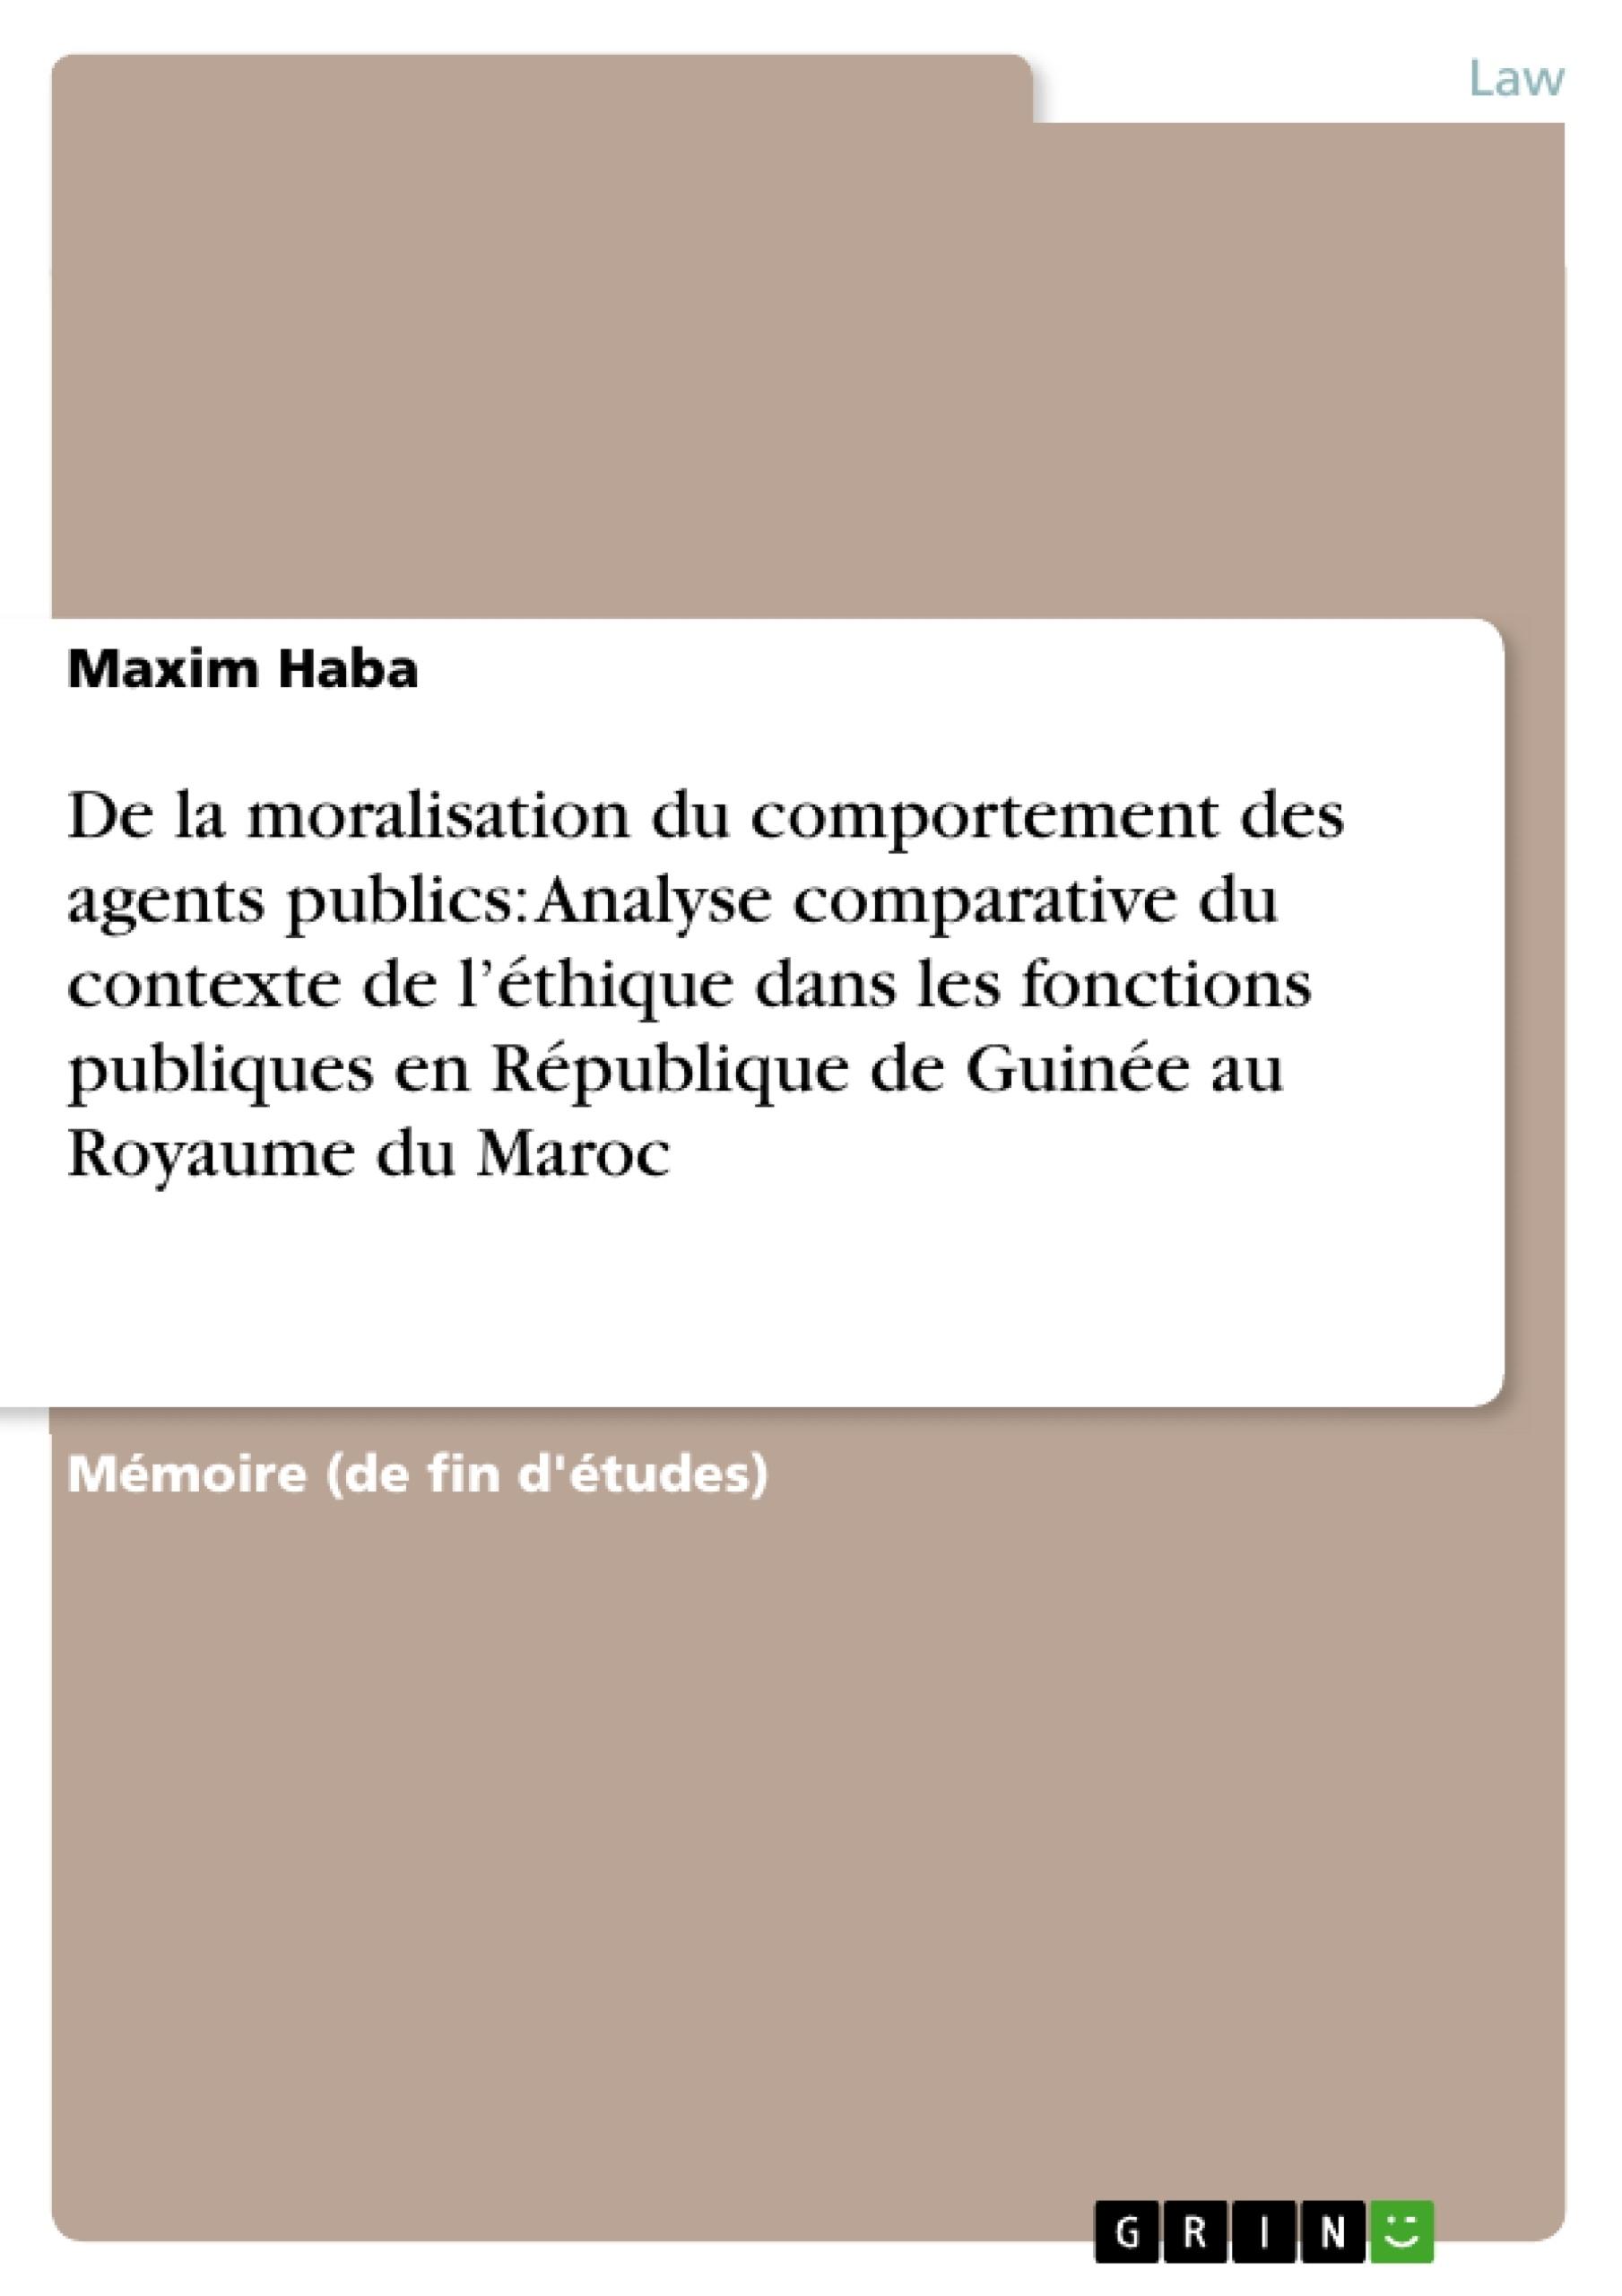 Titre: De la moralisation du comportement des agents publics: Analyse comparative du contexte de l'éthique dans les fonctions publiques en République de Guinée au Royaume du Maroc